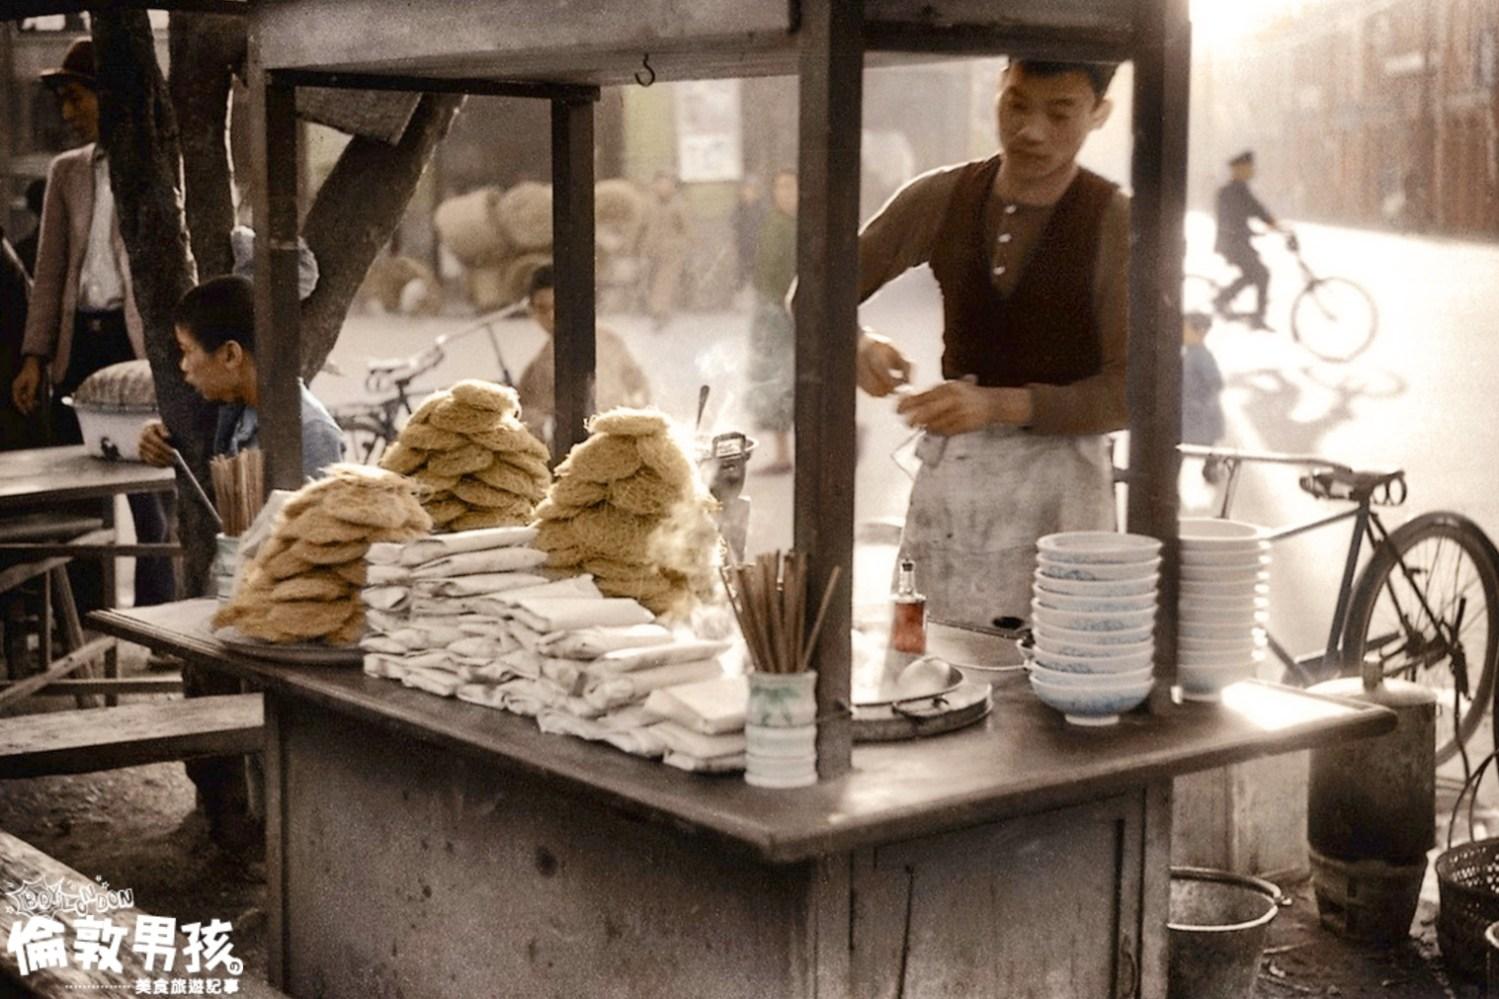 台南古早味美食,榮獲食品界米其林的「全福興製麵」鍋燒意麵、雞絲麵!